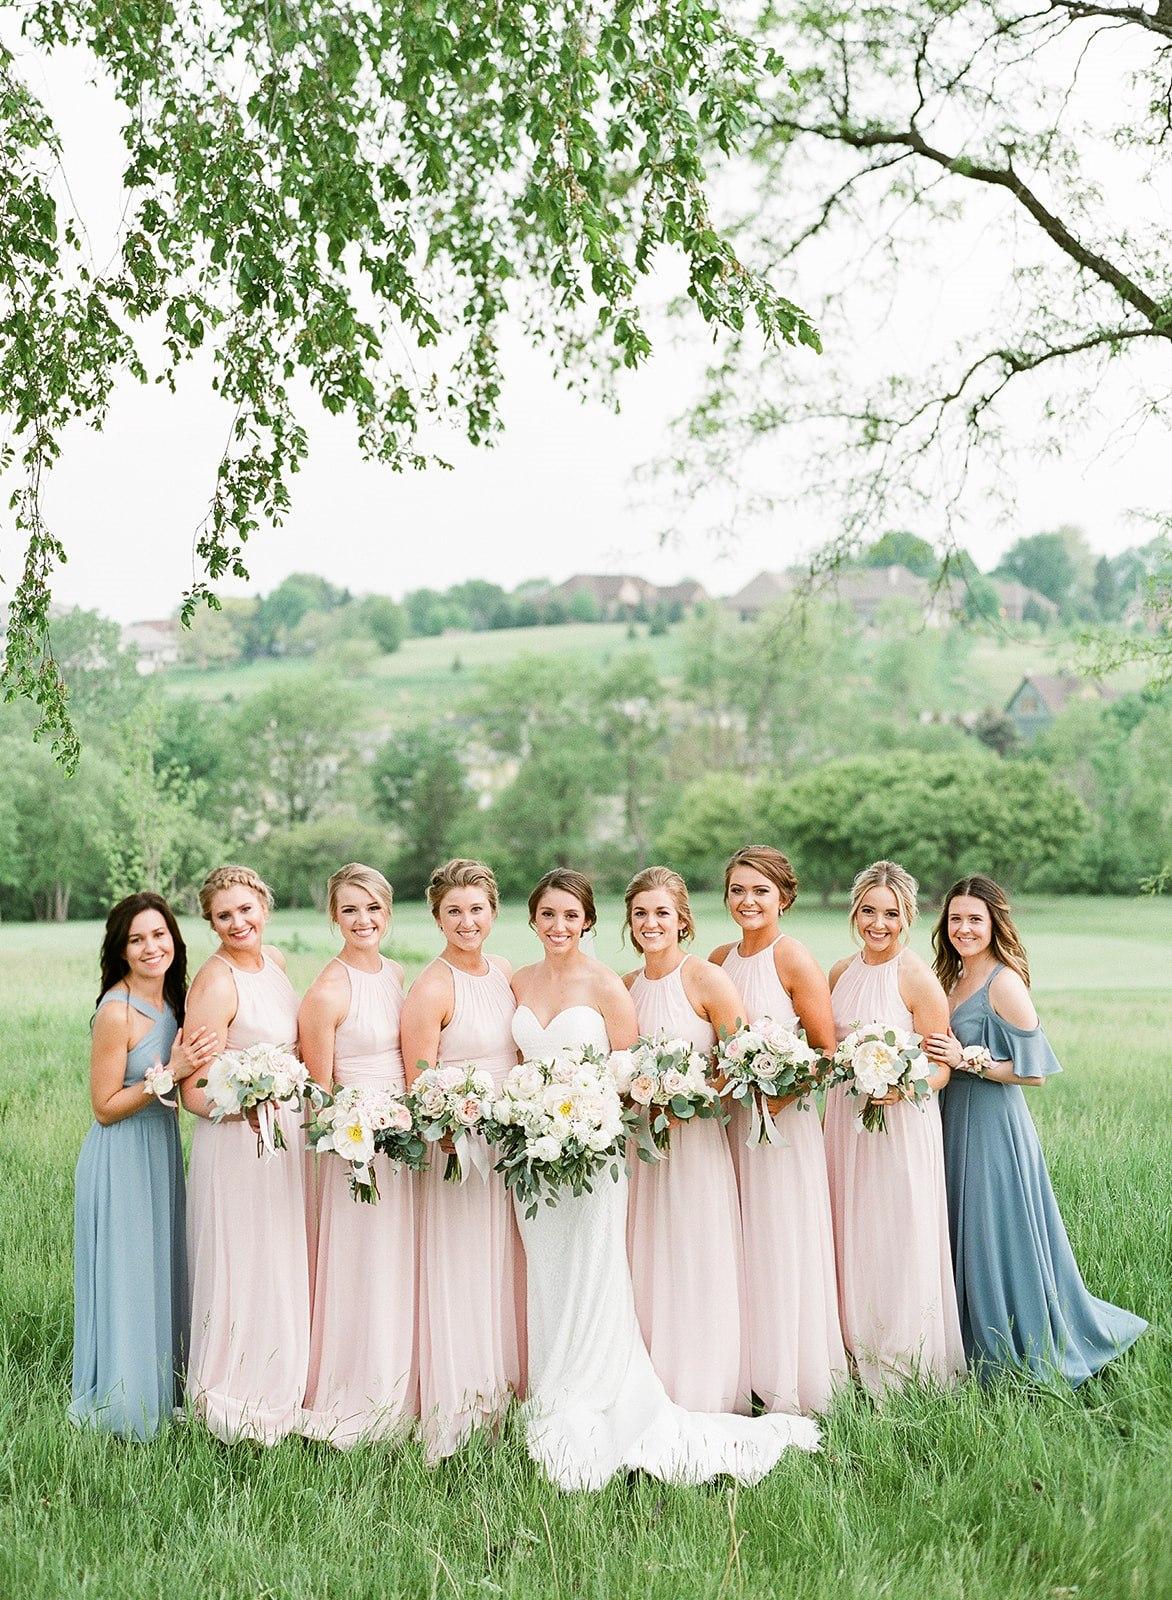 Allison _ Travis Wedding Film-000066340006.jpg